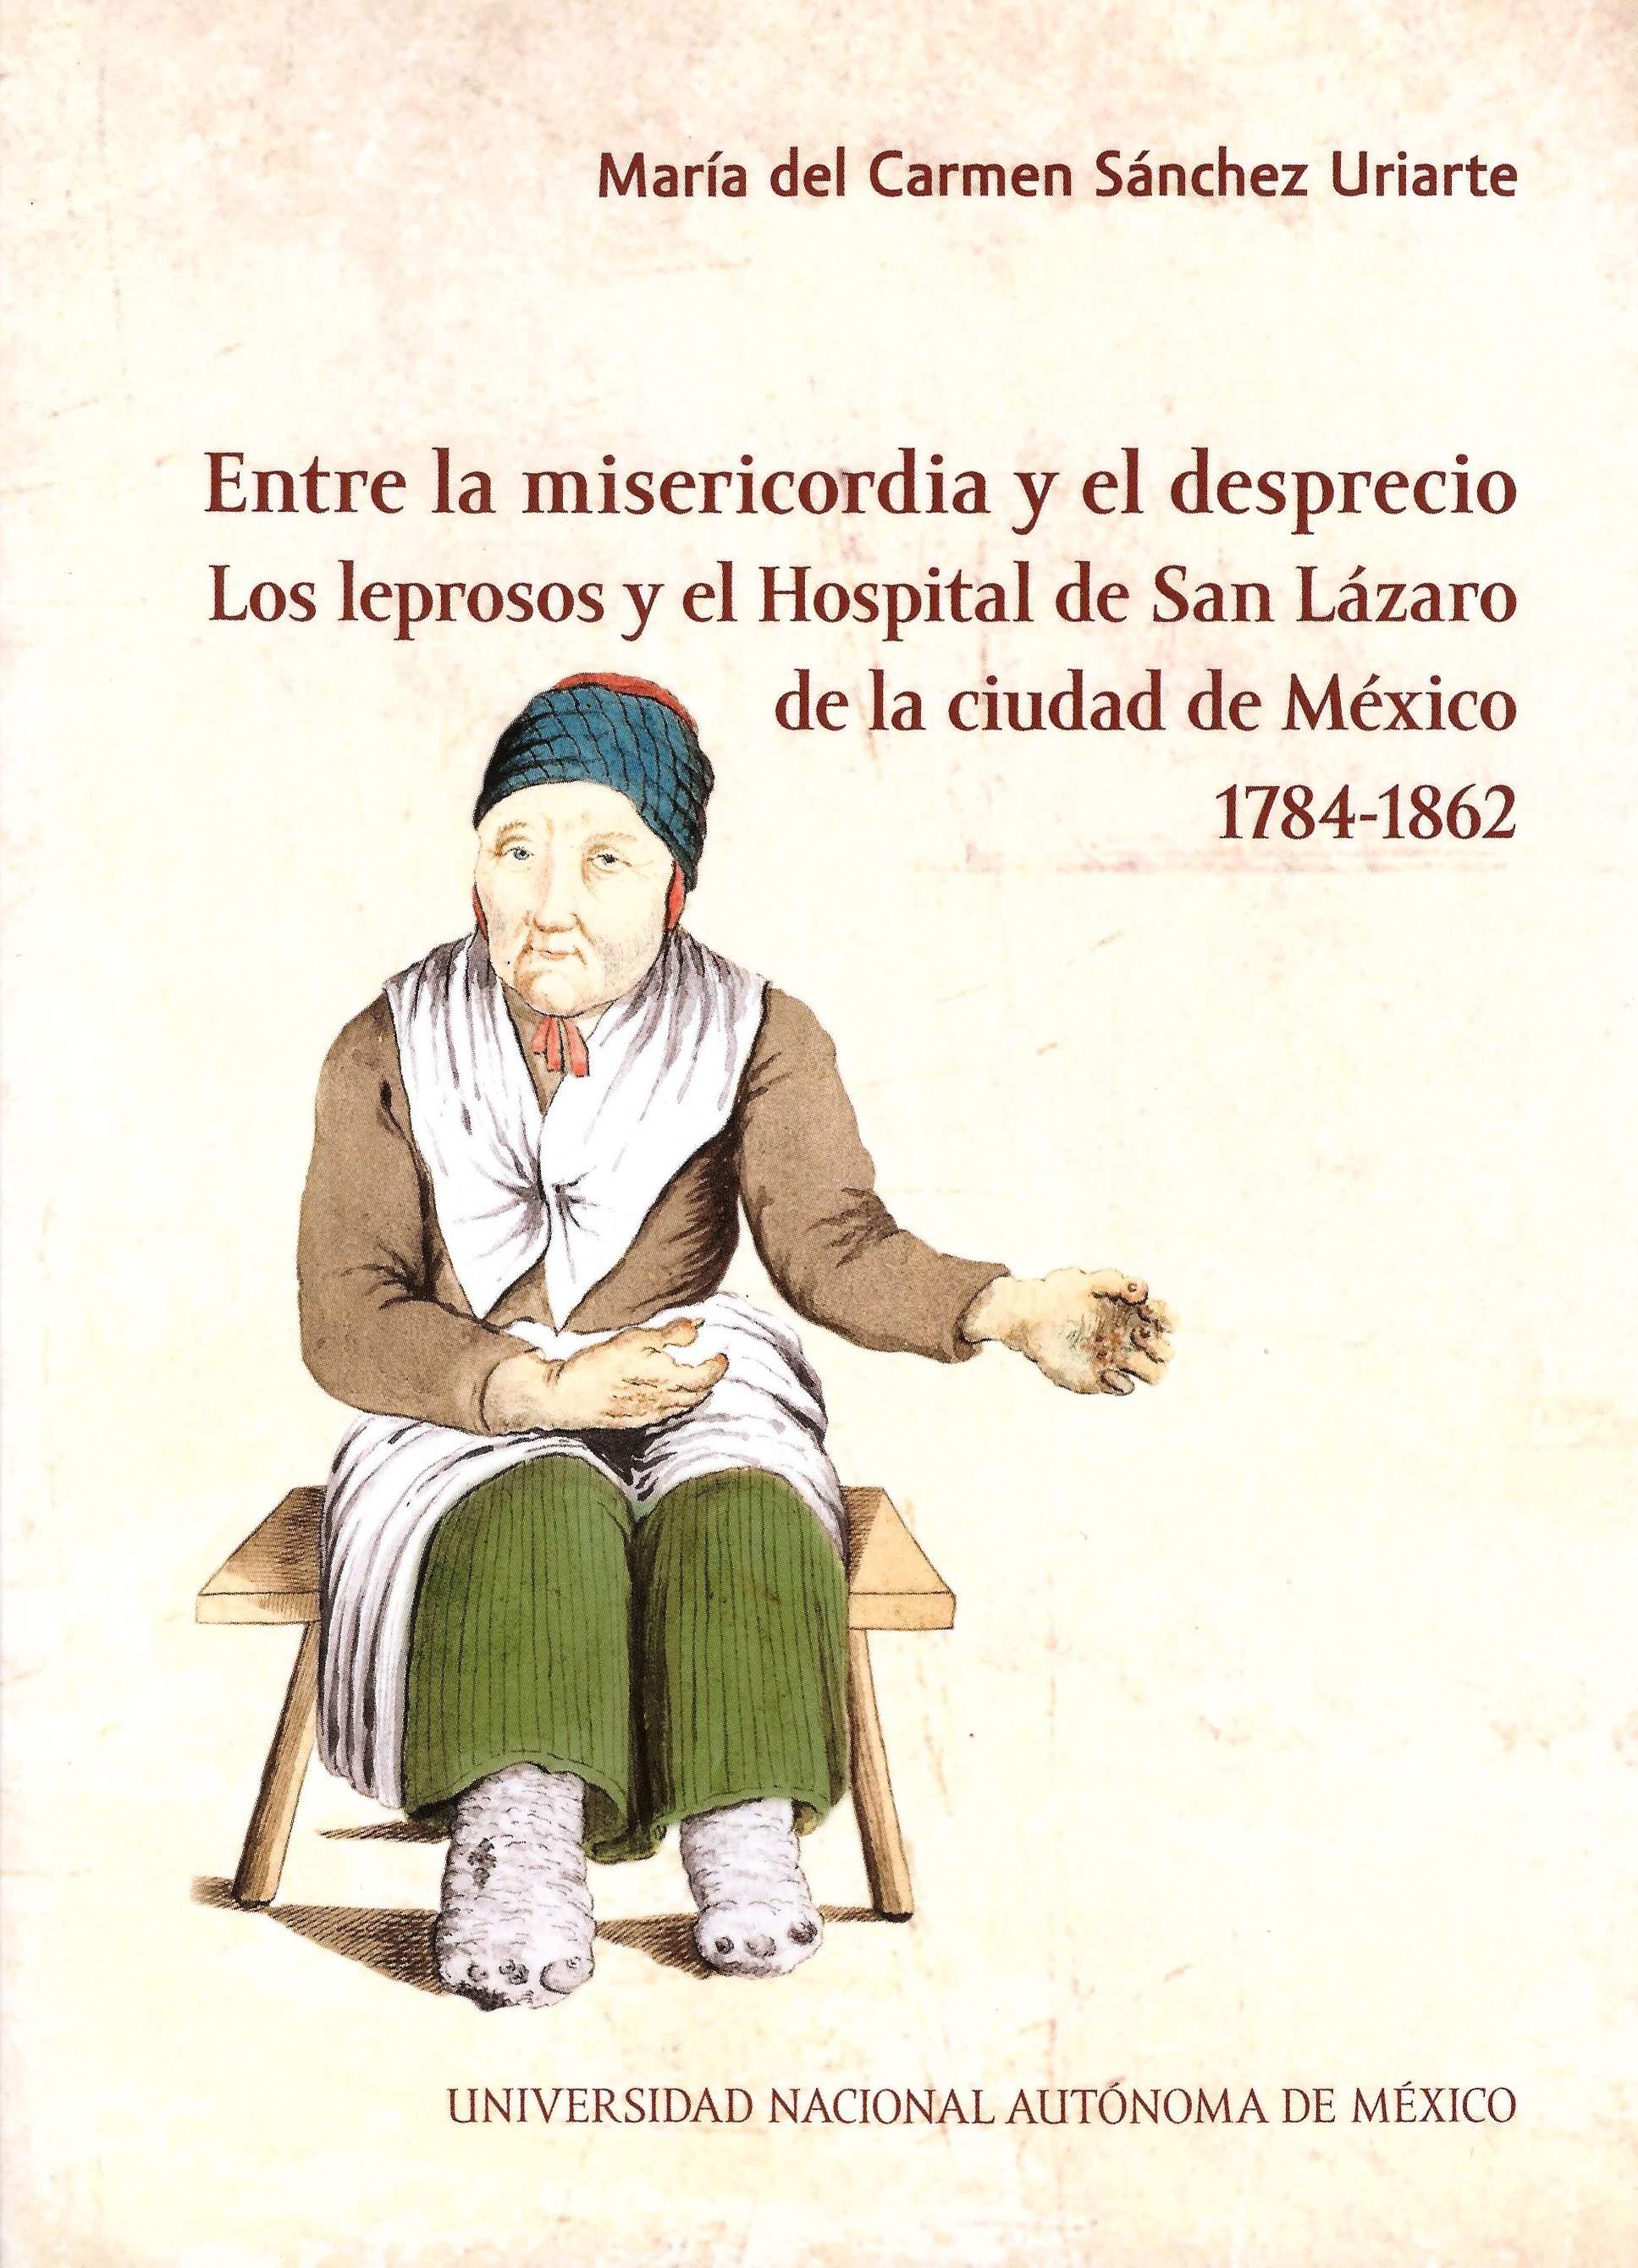 Entre la misericordia y el desprecio:  los leprosos y el hospital de San Lázaro de la ciudad de